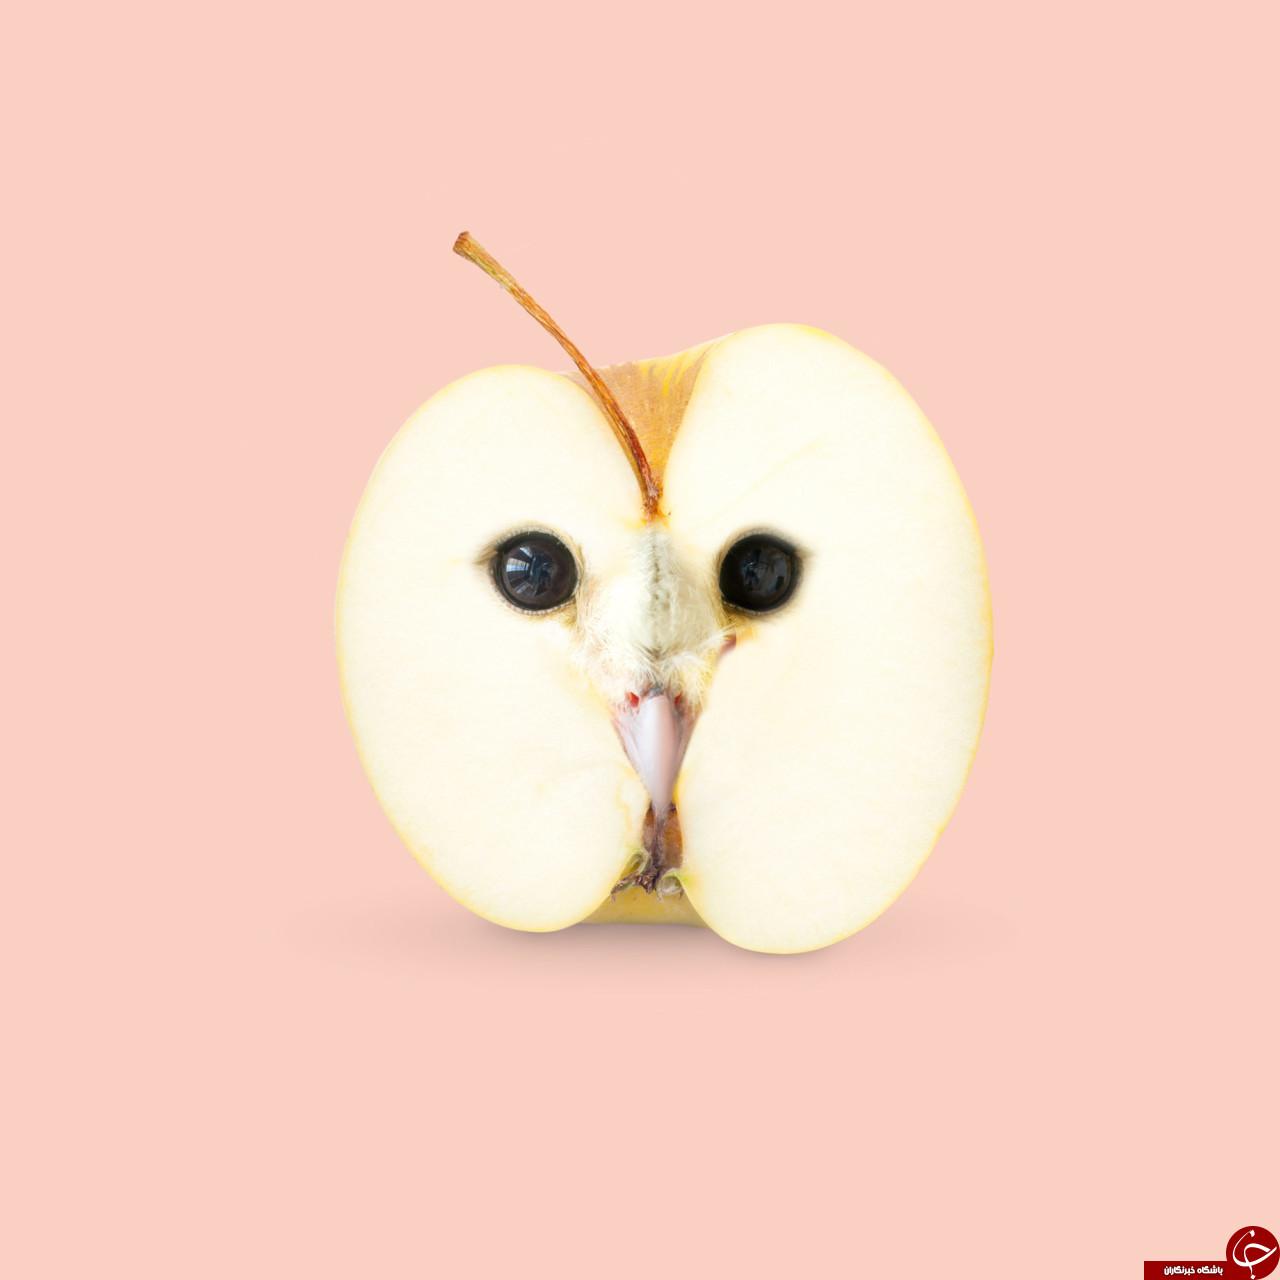 خلاقیت شکفت انگیز یک گروه هنری در ساخت کلاژ با استفاده از میوهها و حیوانات